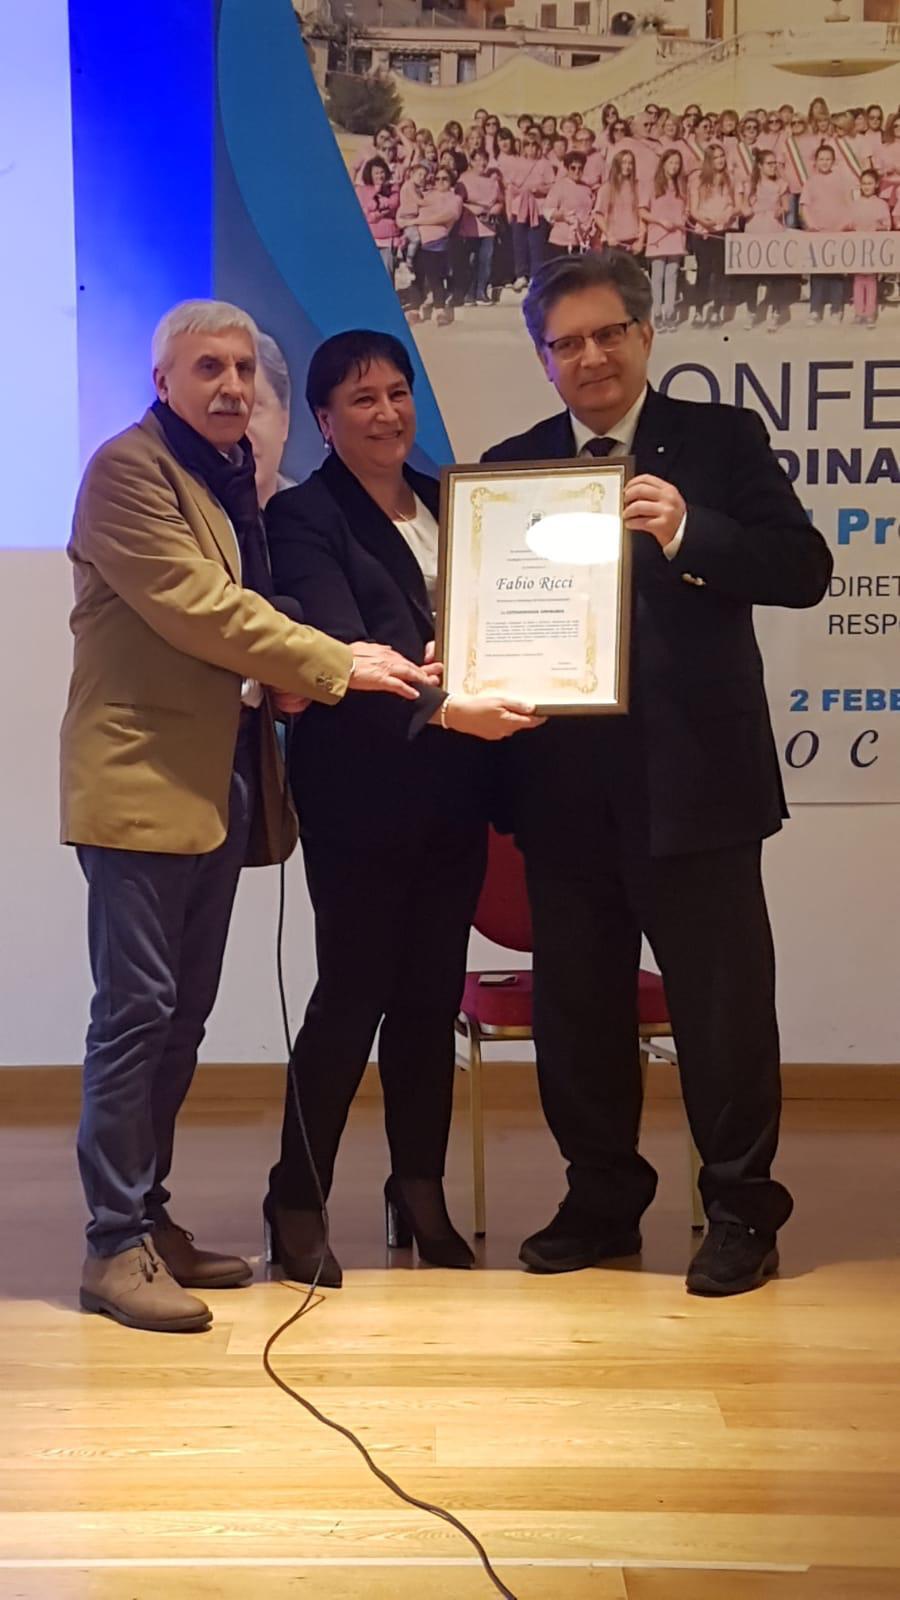 Cittadinanza Onoraria del Comune di Roccagorga al dott. Fabio Ricci, direttore della Brest Unit dell'ospedale S. Maria Goretti diLatina